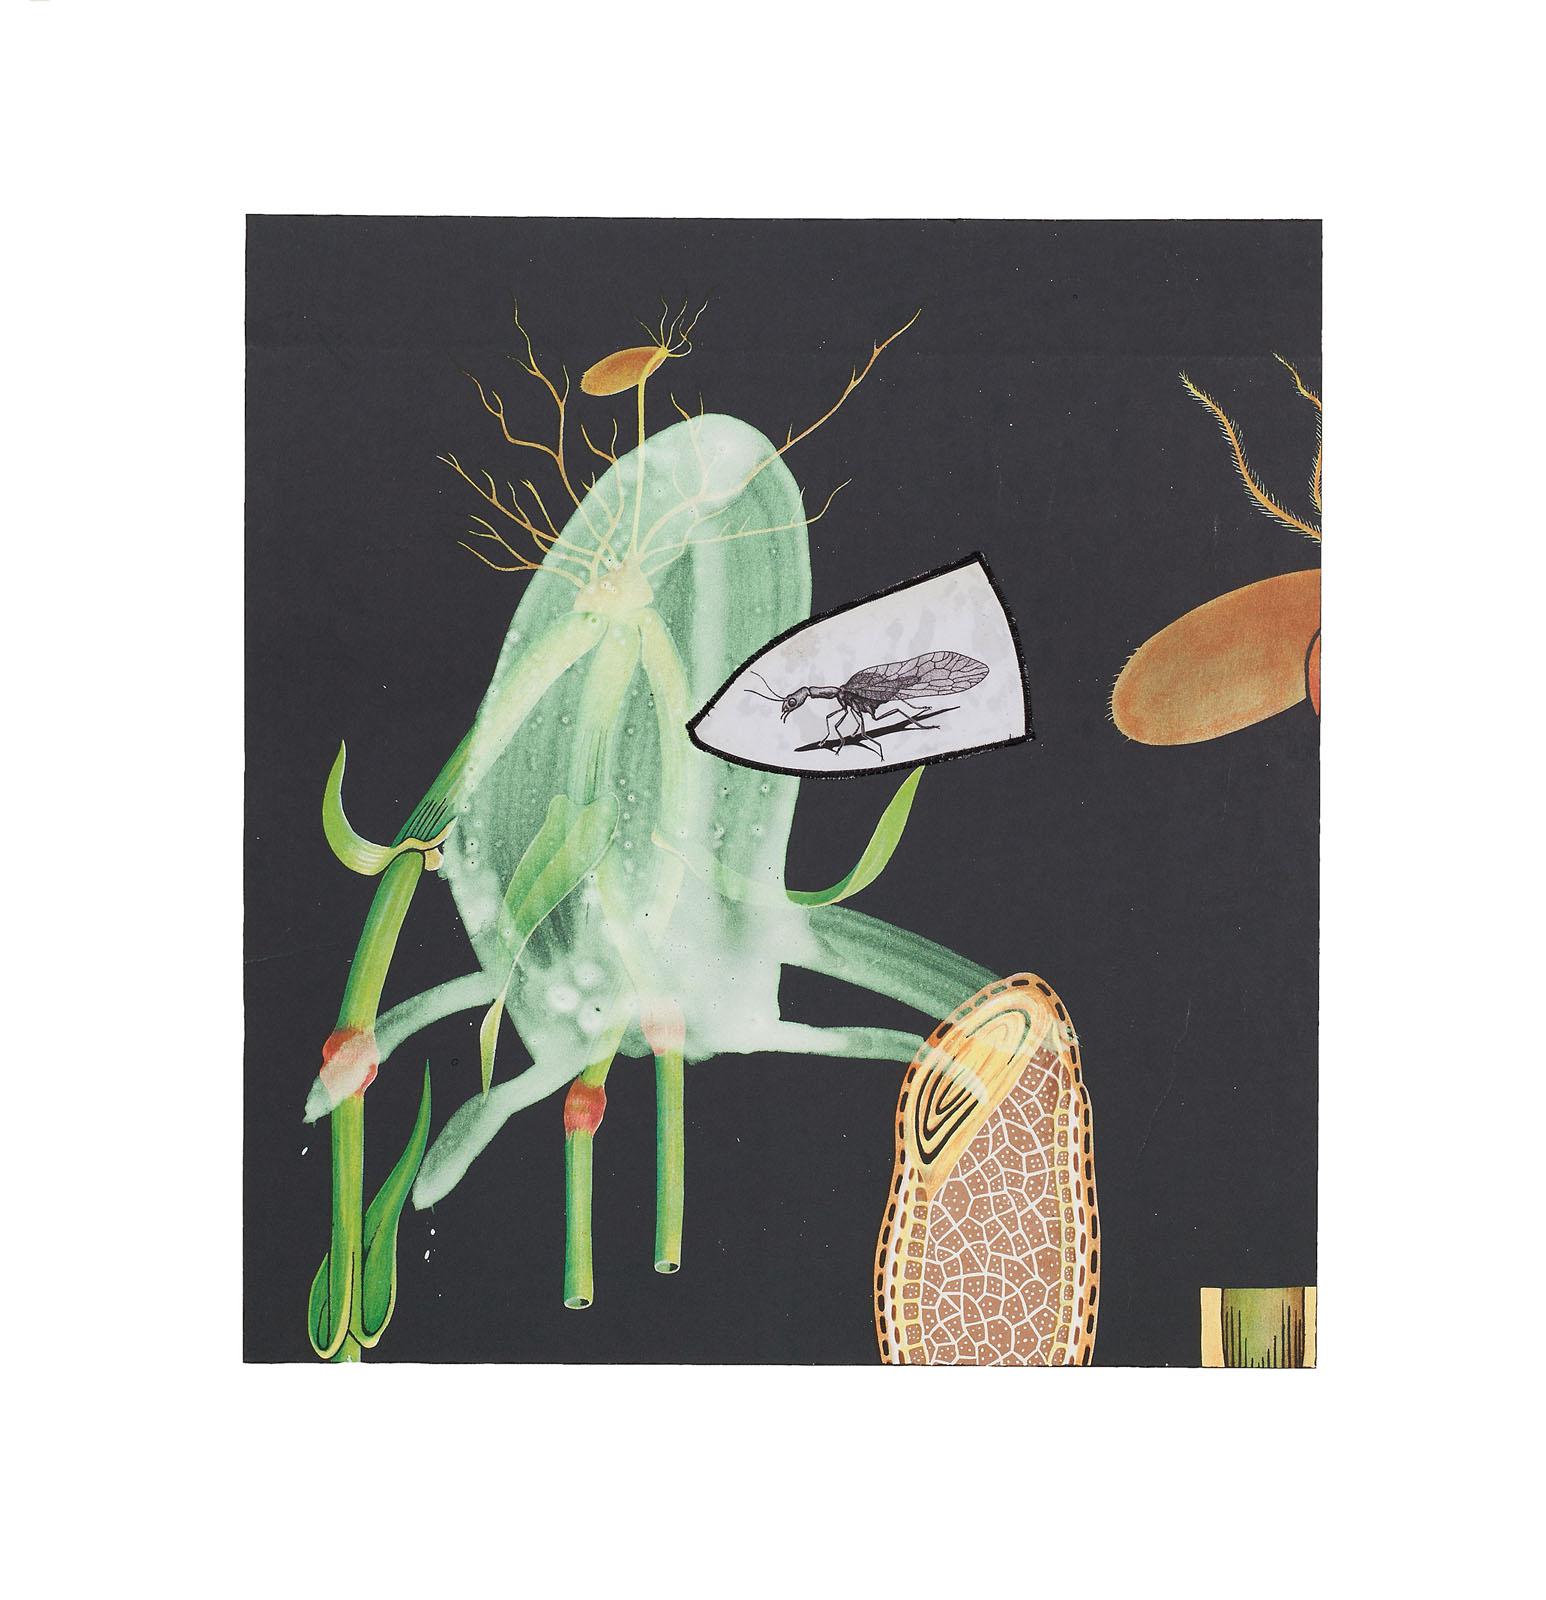 """o.T. aus """"Petrichor – Deep Sea"""", 2017, 43 x 40 cm, Mischtechnik & Applikation auf Siebdruck"""